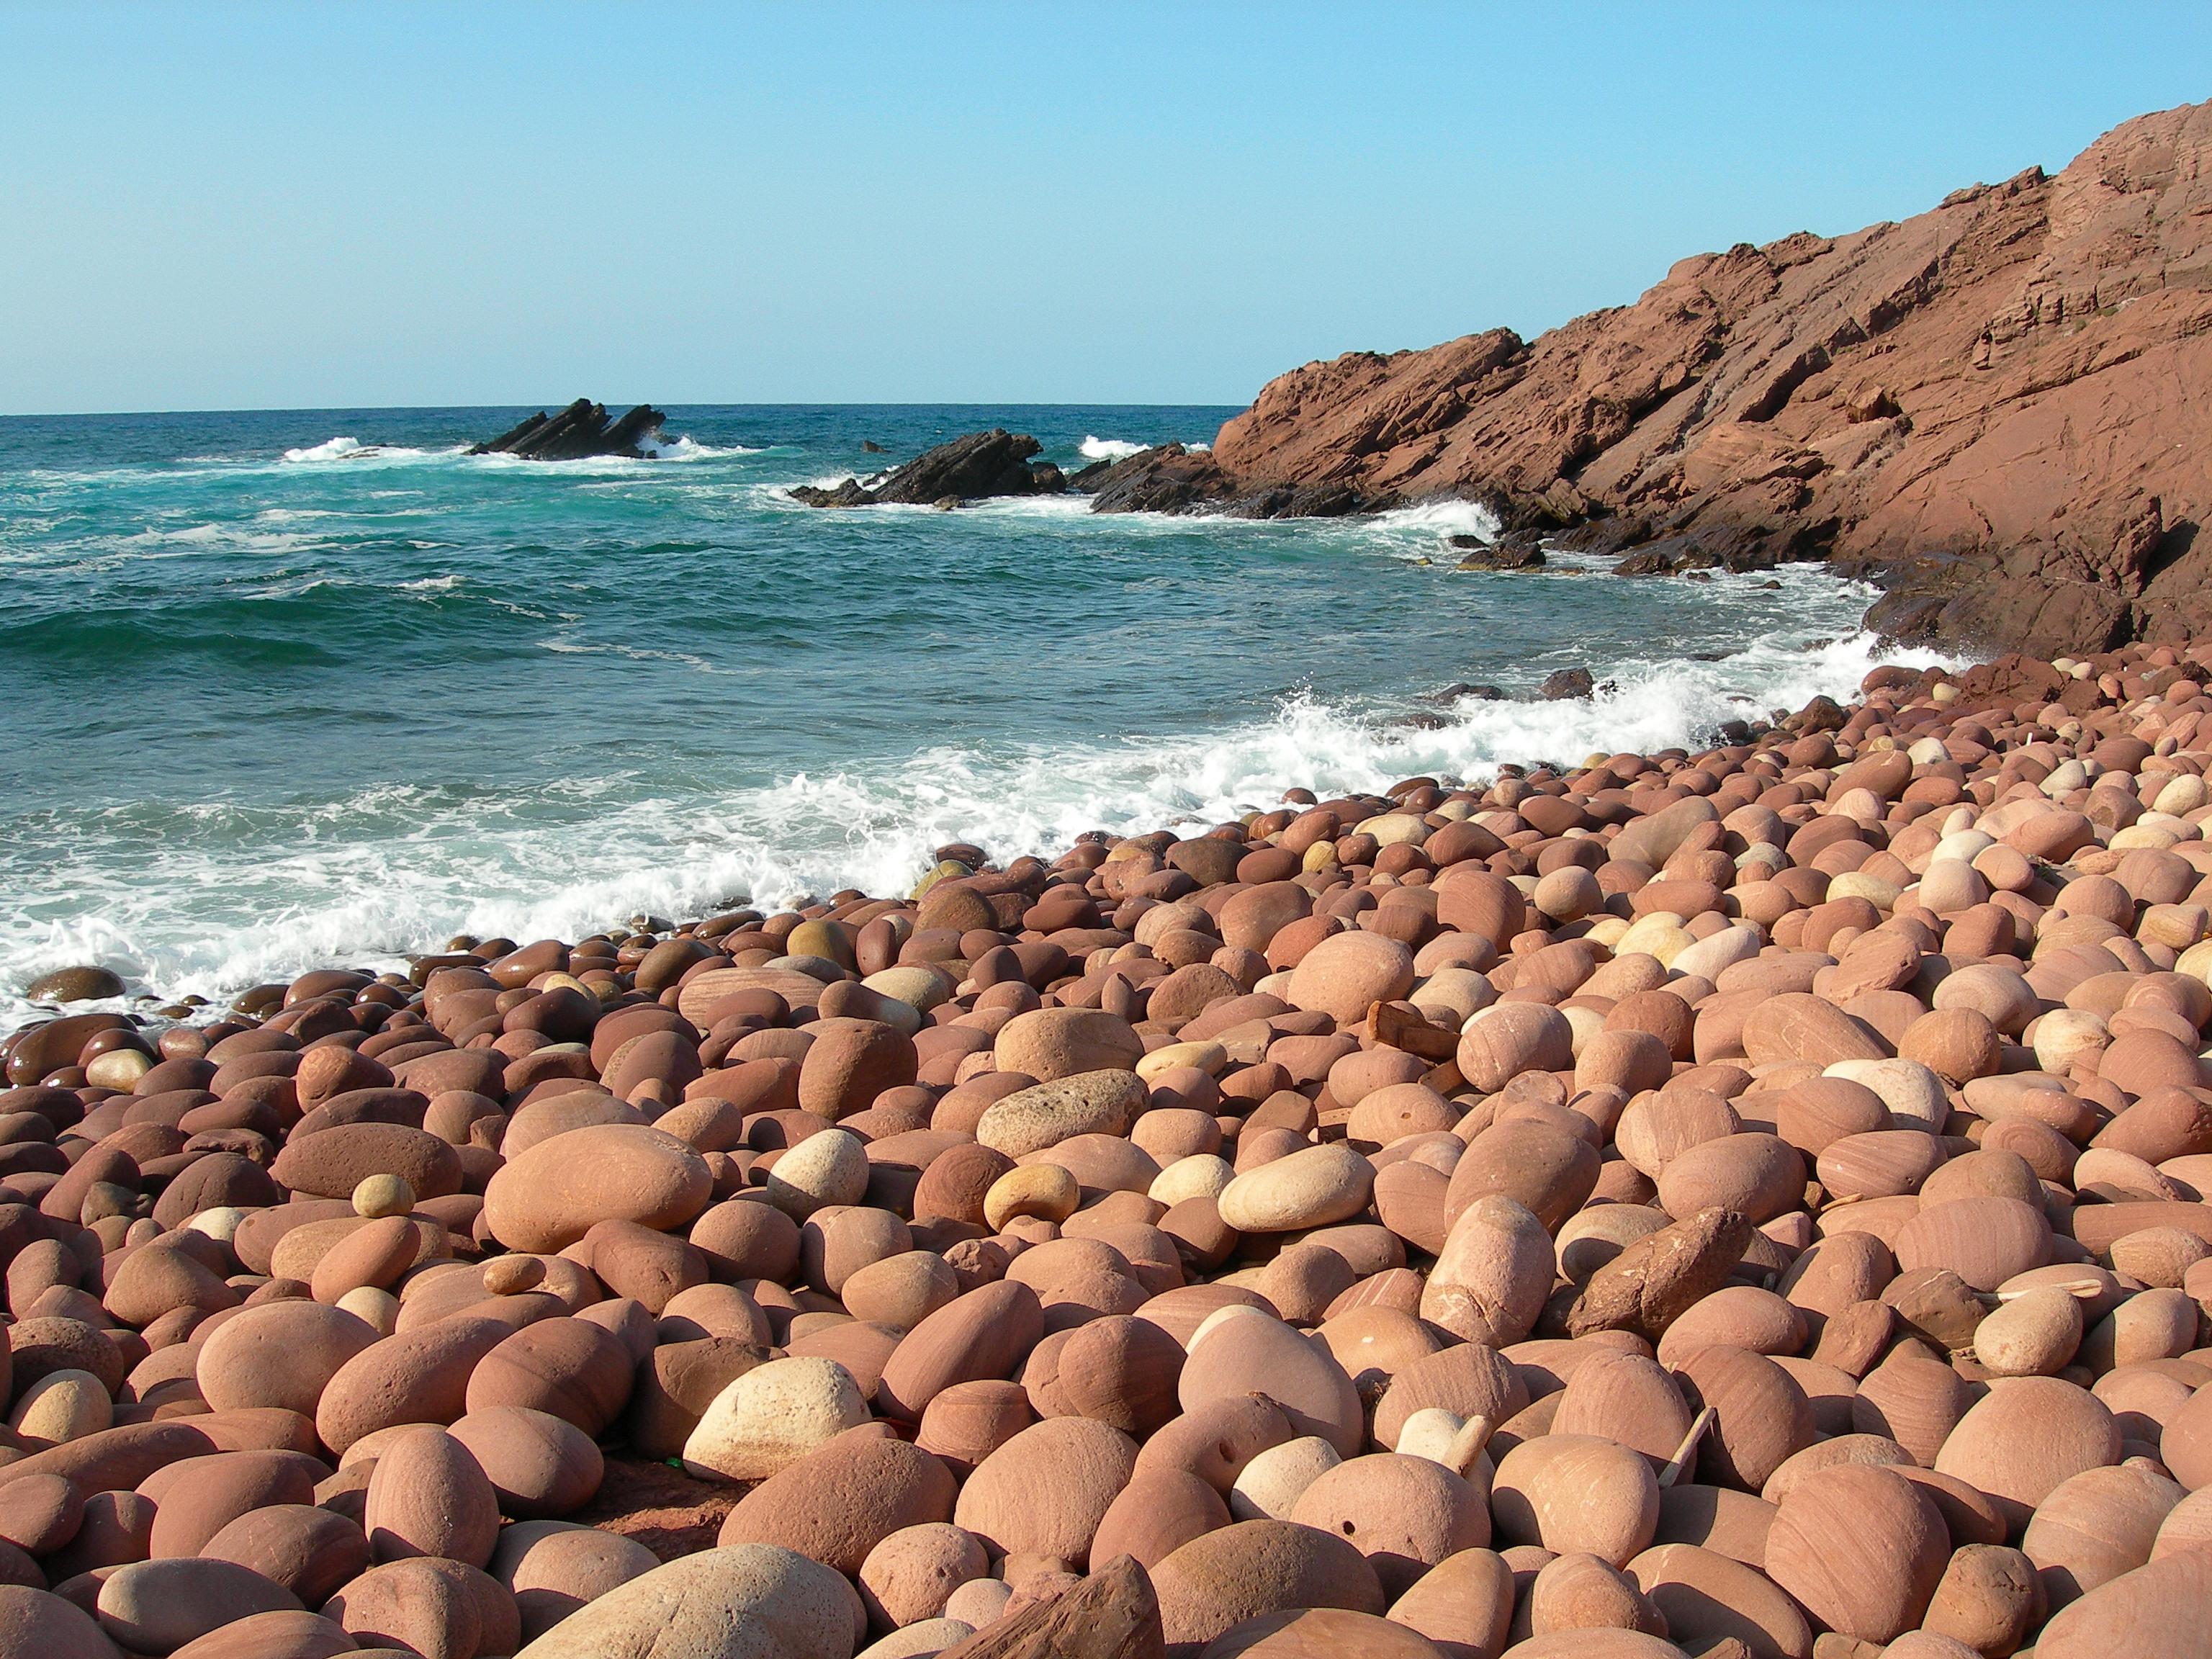 Foto playa Cala del Pilar. Macar d´Alfurinet, cerca de Cala Pilar. Costa Norte de Menorca